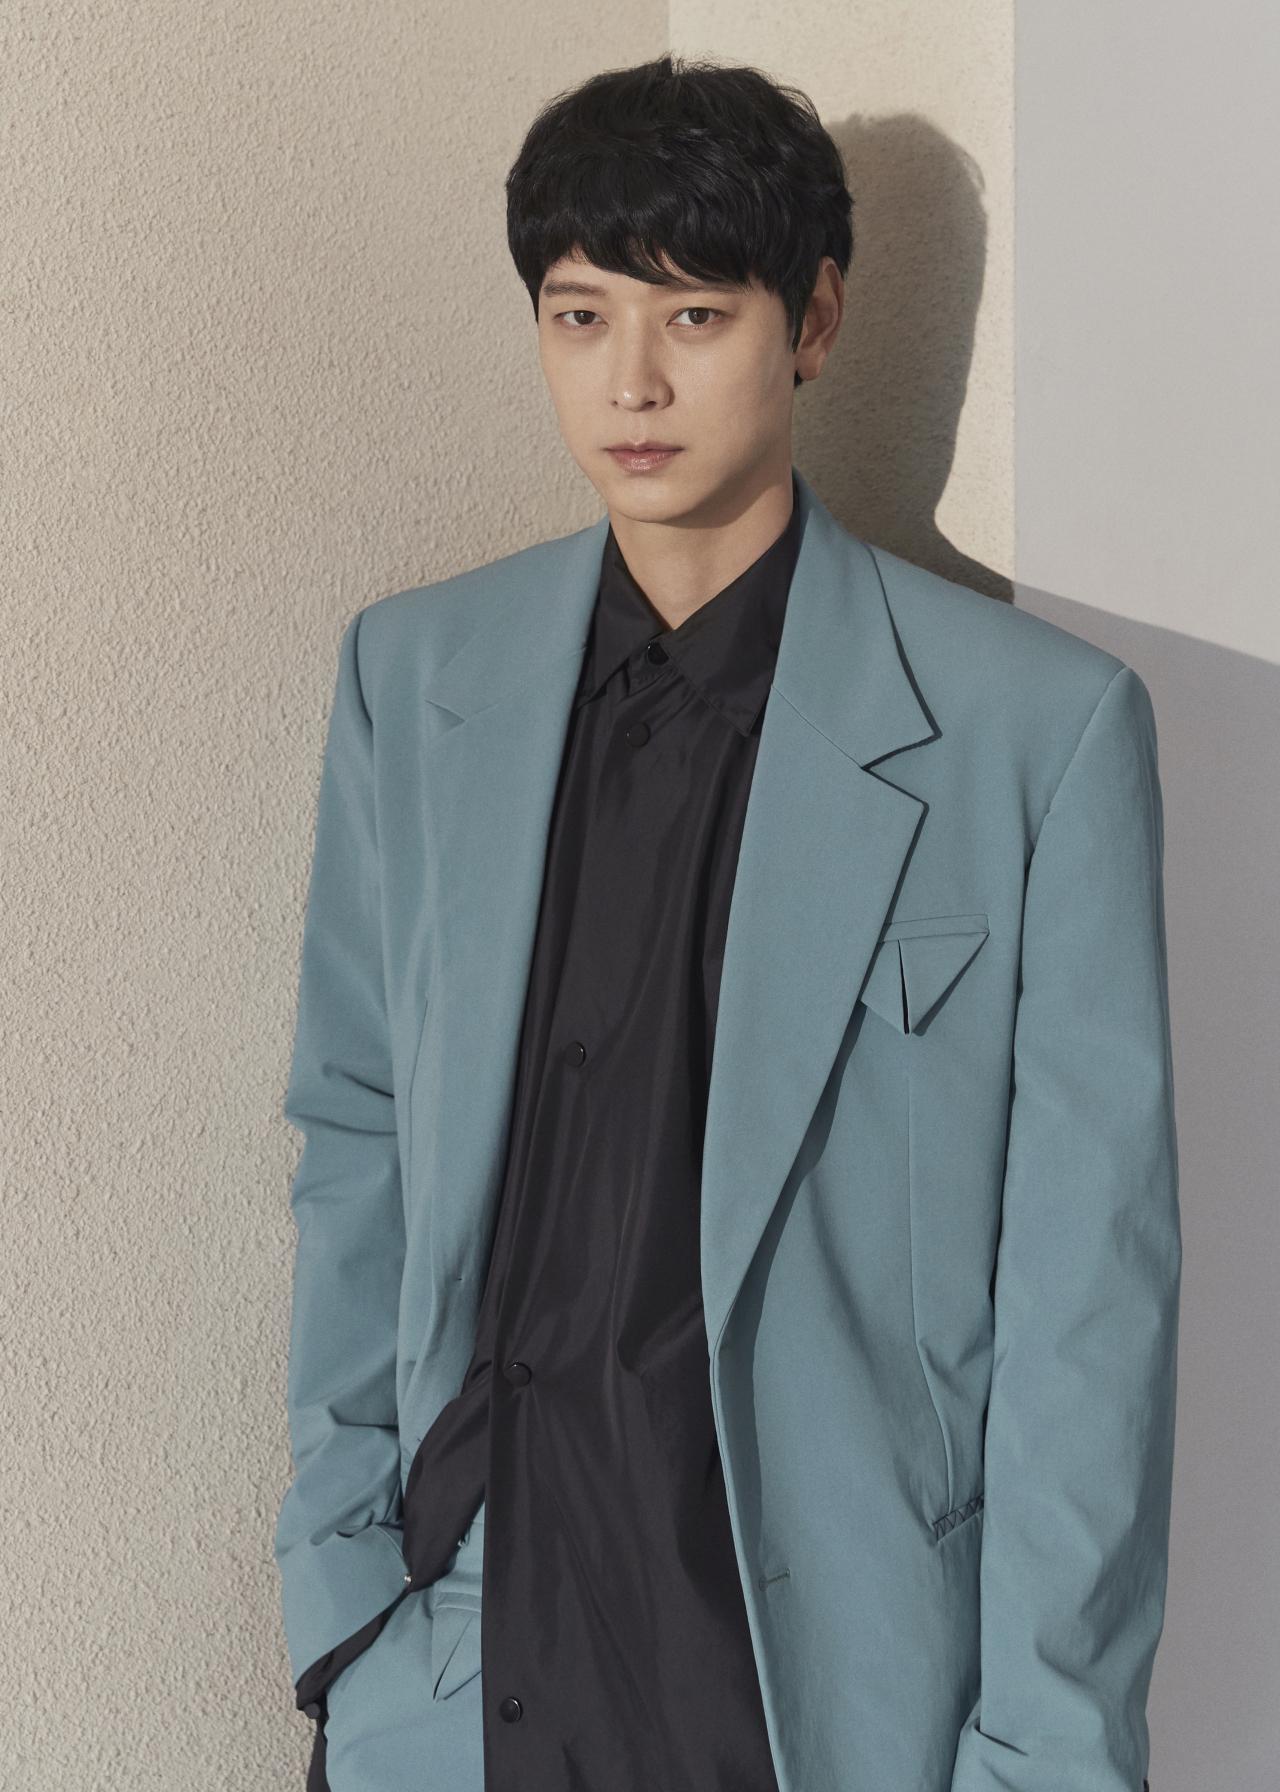 Actor Gang Dong-won (NEW)